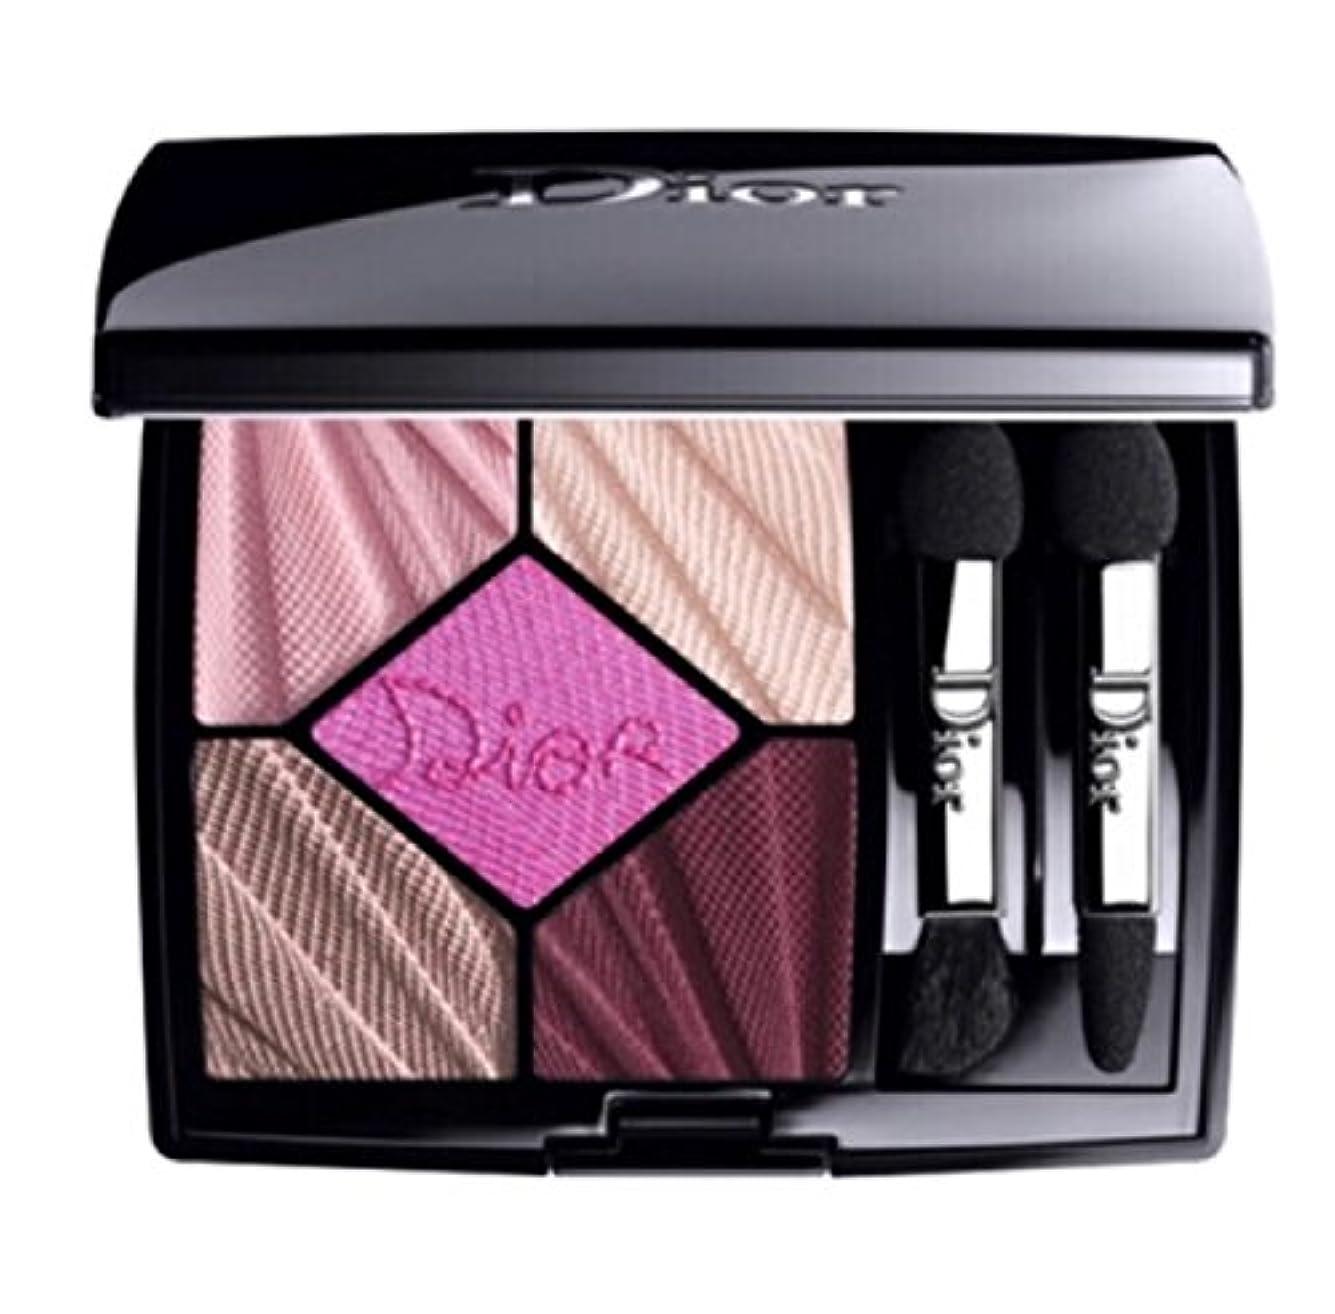 説明的める突然のディオール サンク クルール #887 スリル 限定色 -Dior